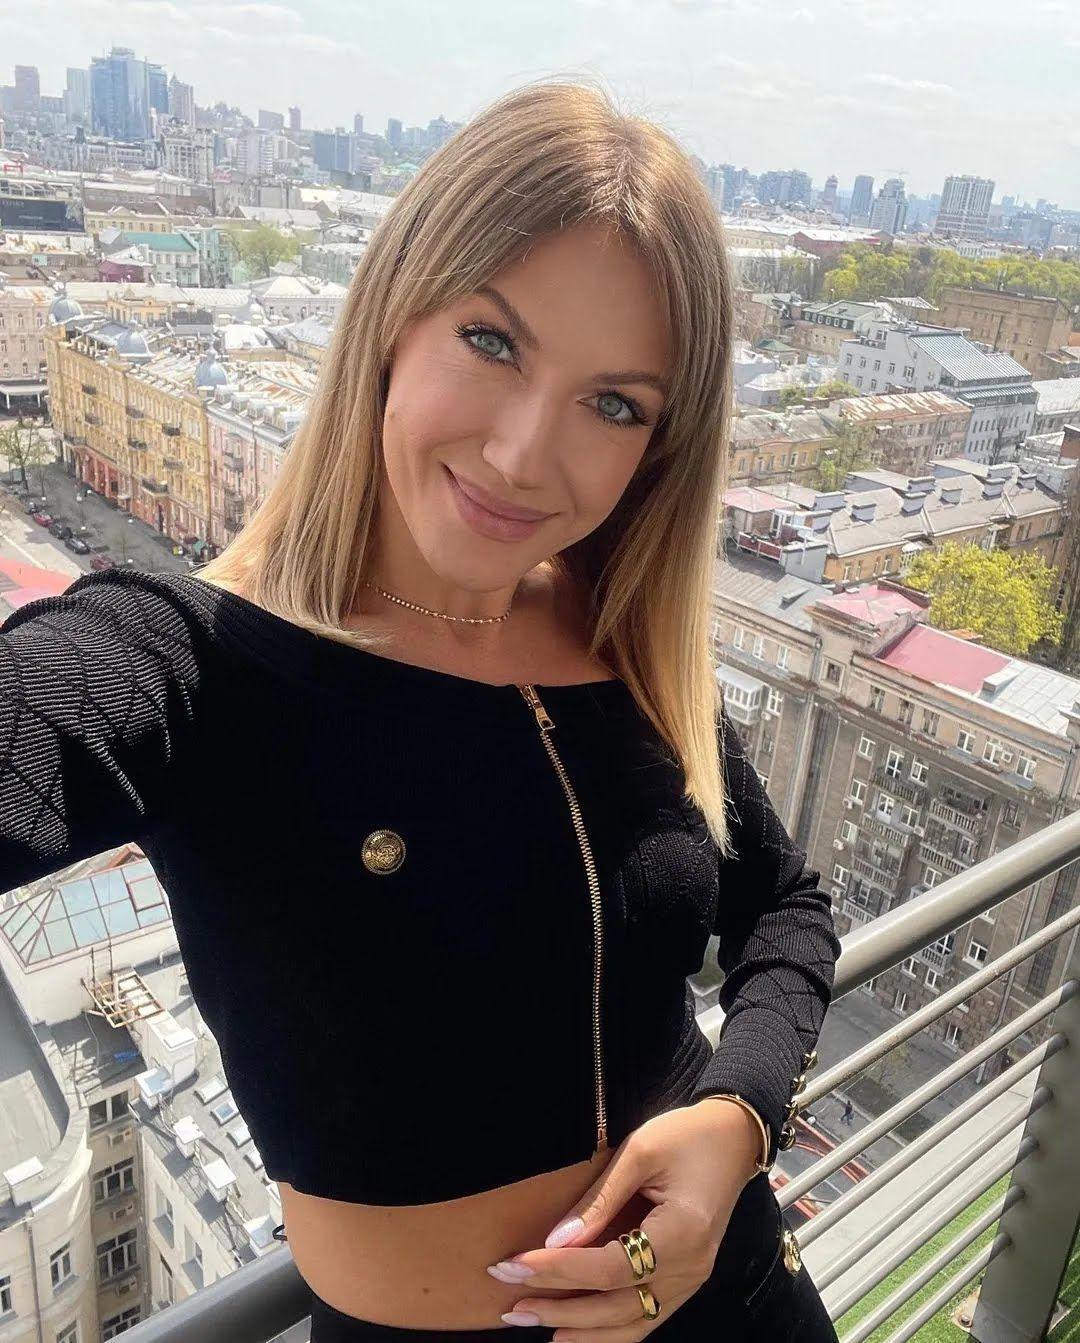 Леся Никитюк позировала в коротком черном топе